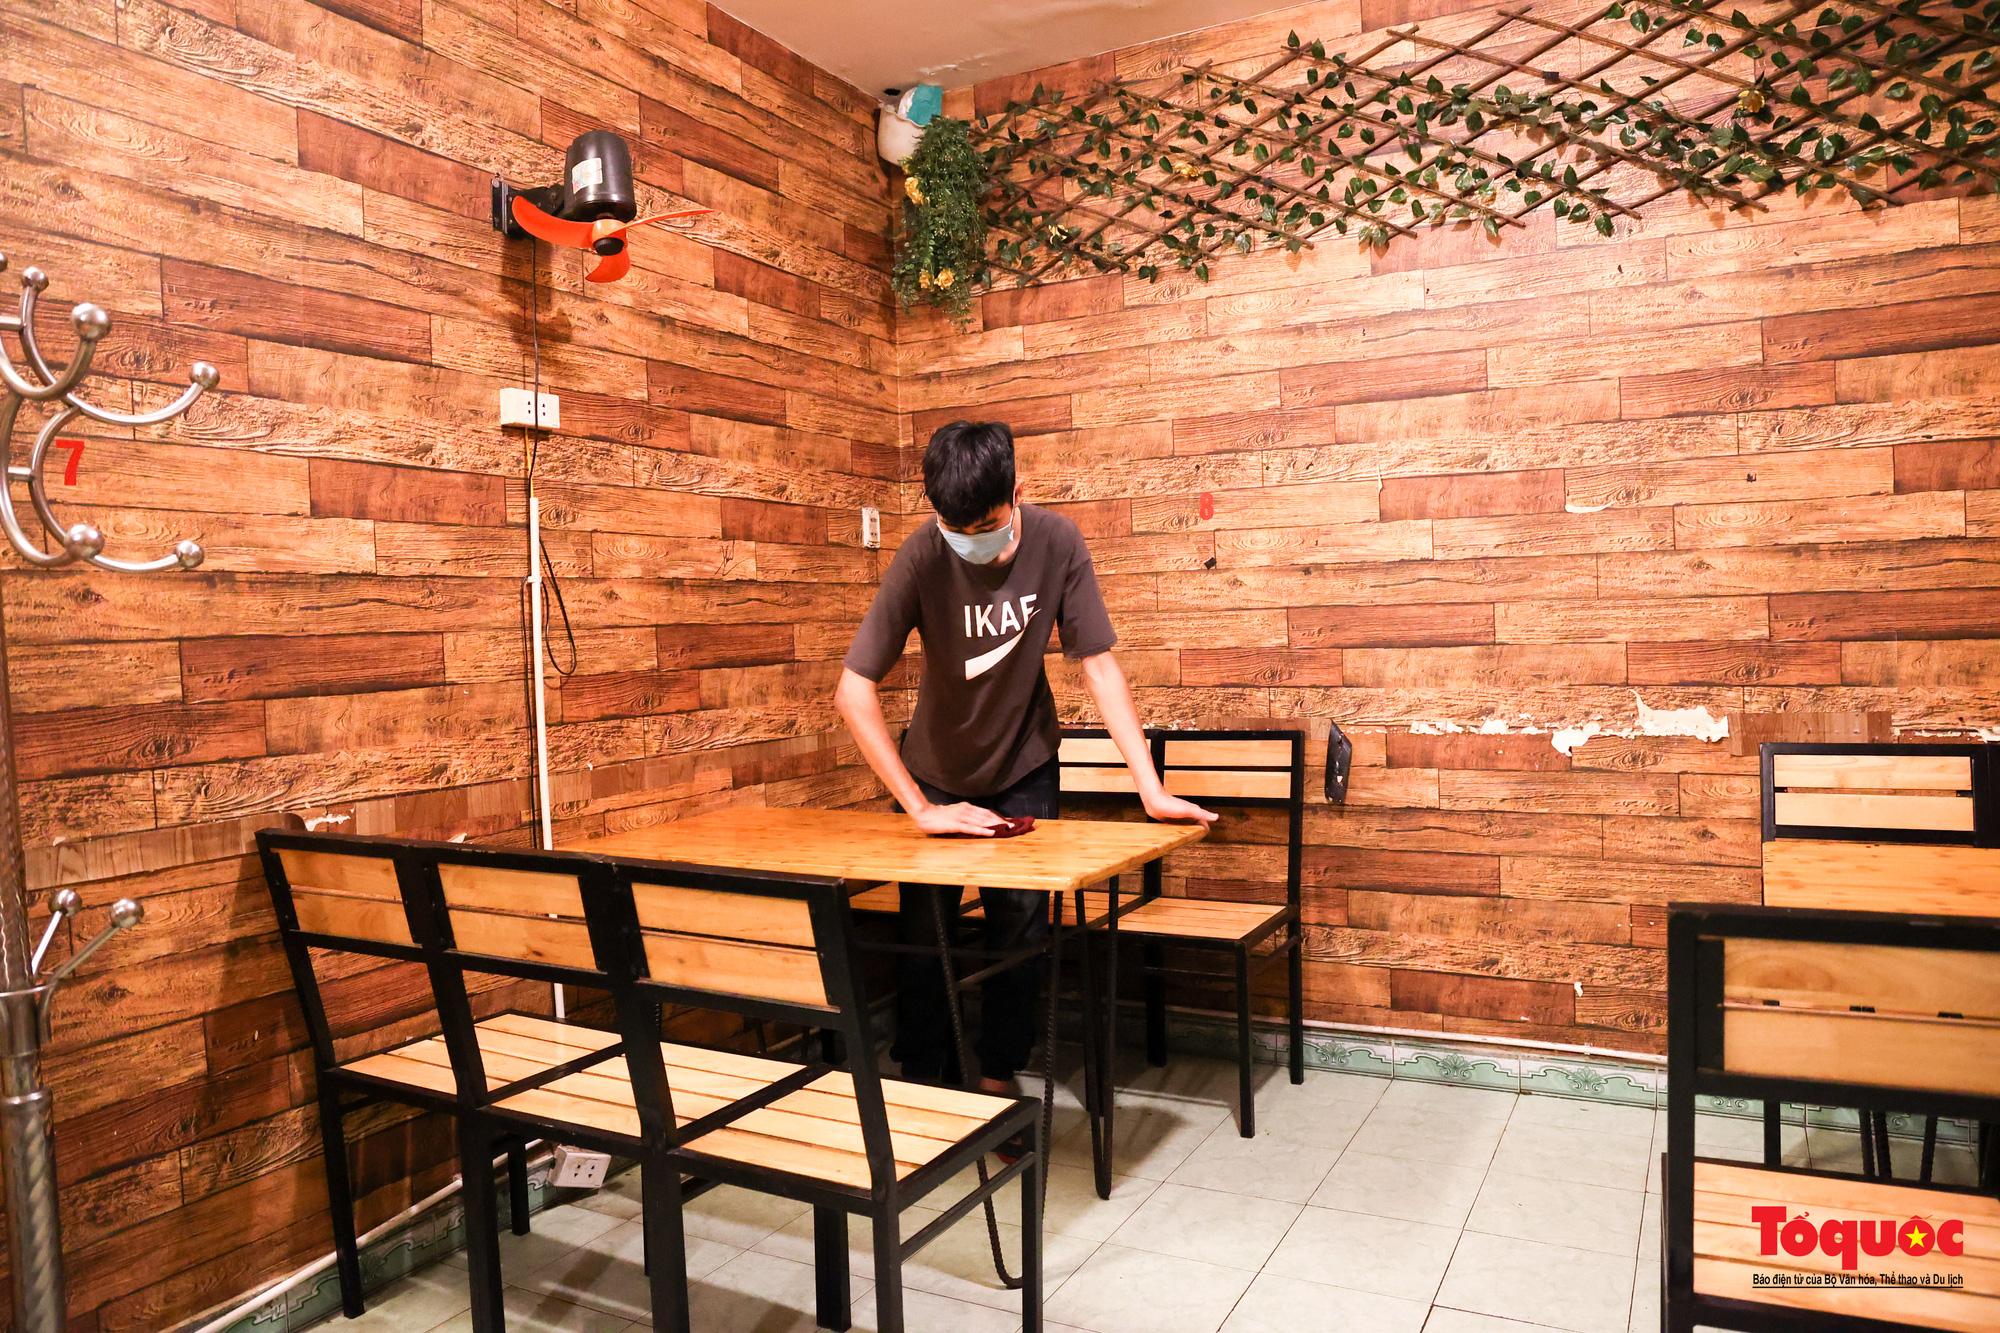 Người Hà Nội dạy sớm thưởng thức đặc sản thủ đô ngay khi hàng quán được bán hàng tại chỗ - Ảnh 12.